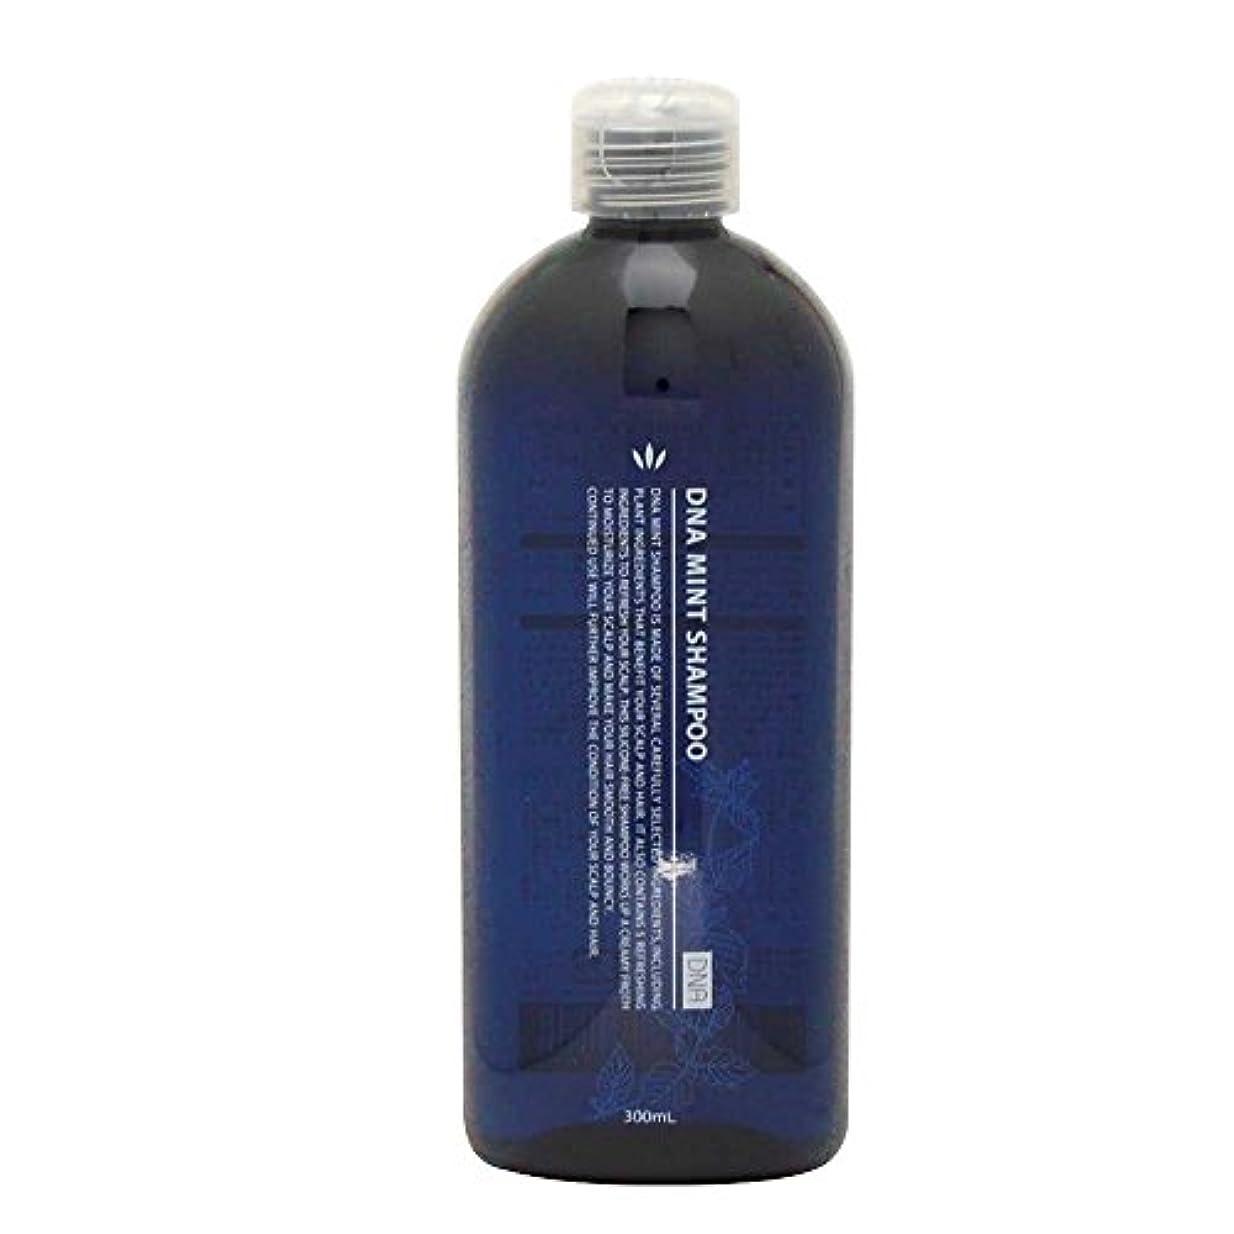 ローブプラスチック夜間ハツモール DNA ミントシャンプー 300ml